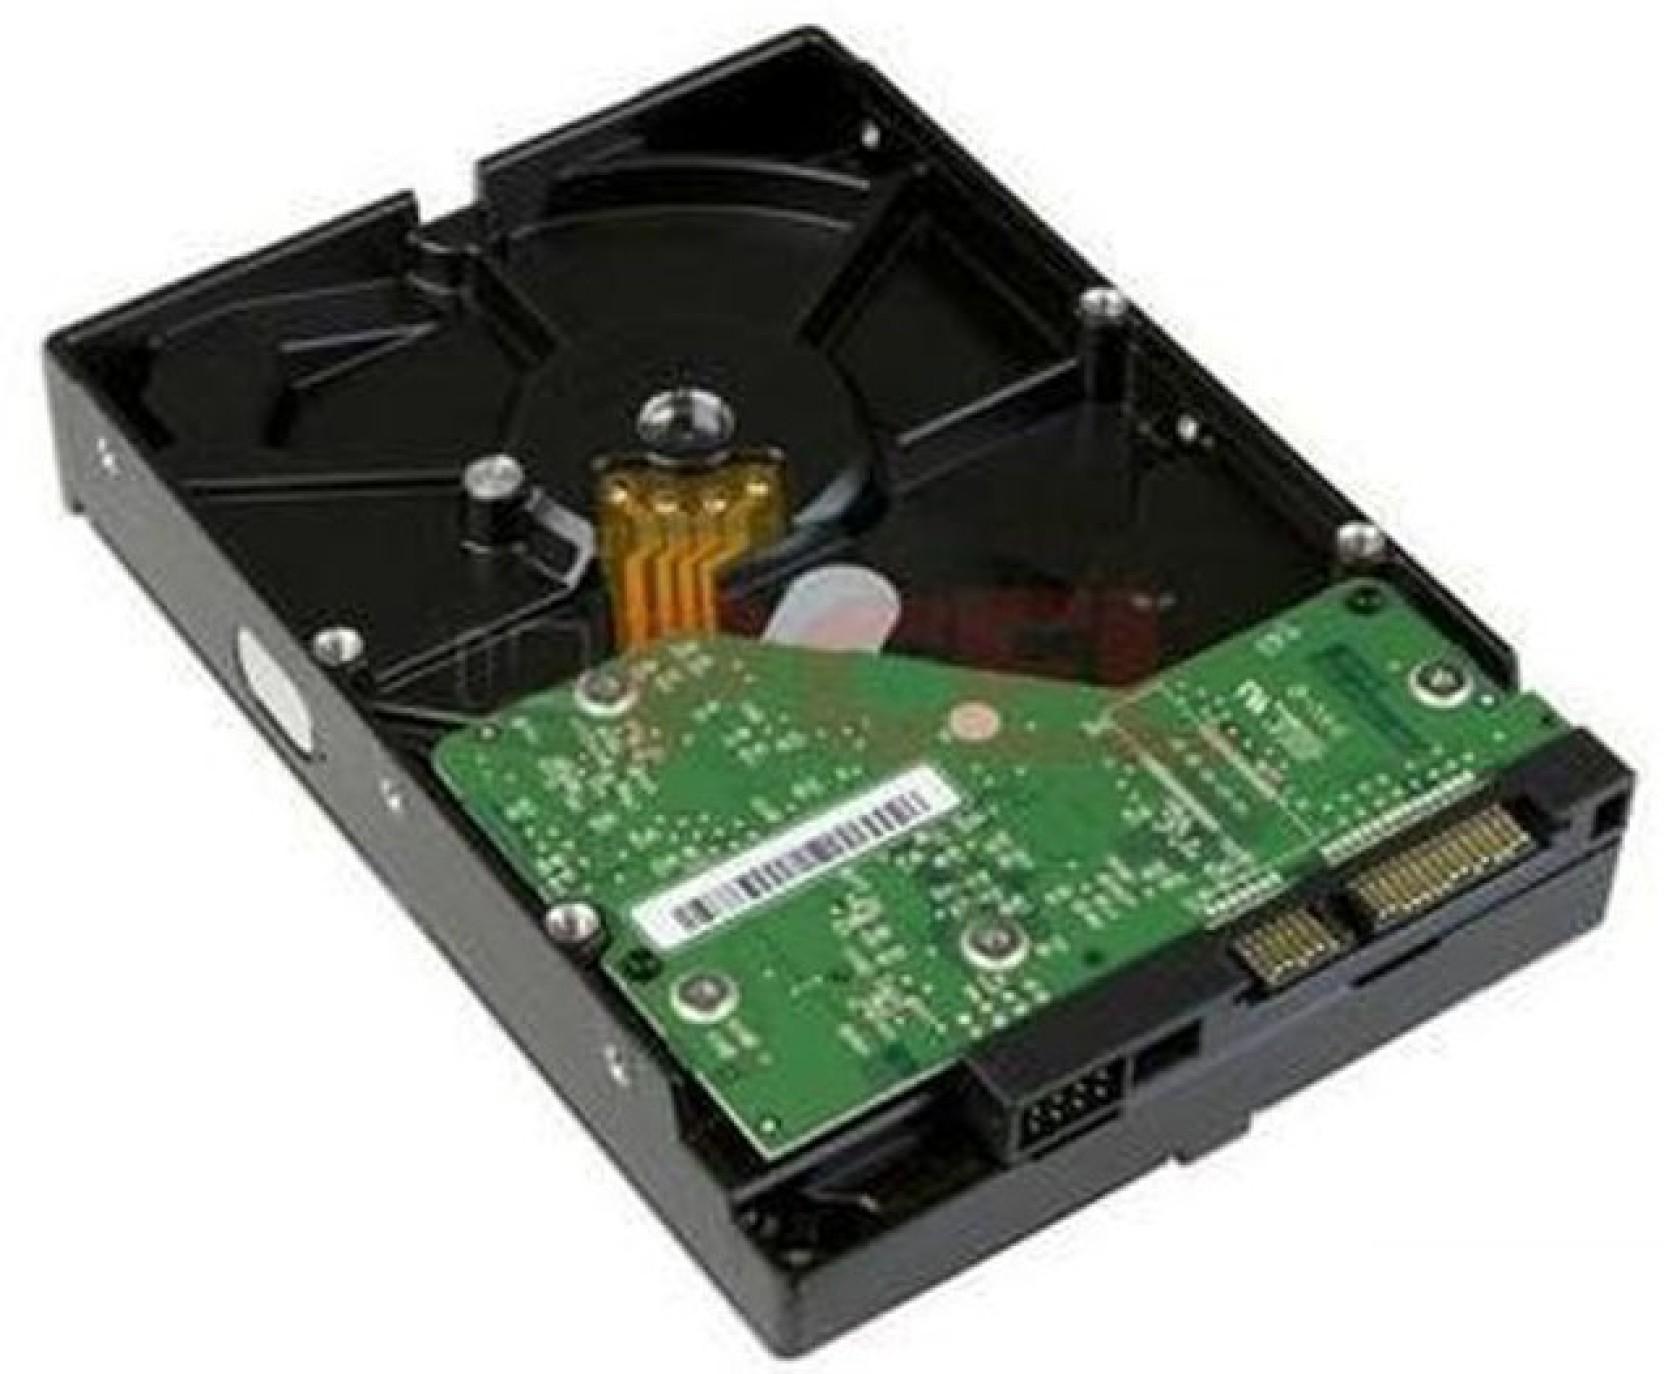 Wd Sata 160 Gb Desktop Internal Hard Disk Drive Wd1600aabs Harddisk Pc Ide Hdd Komputer 160gb Add To Cart